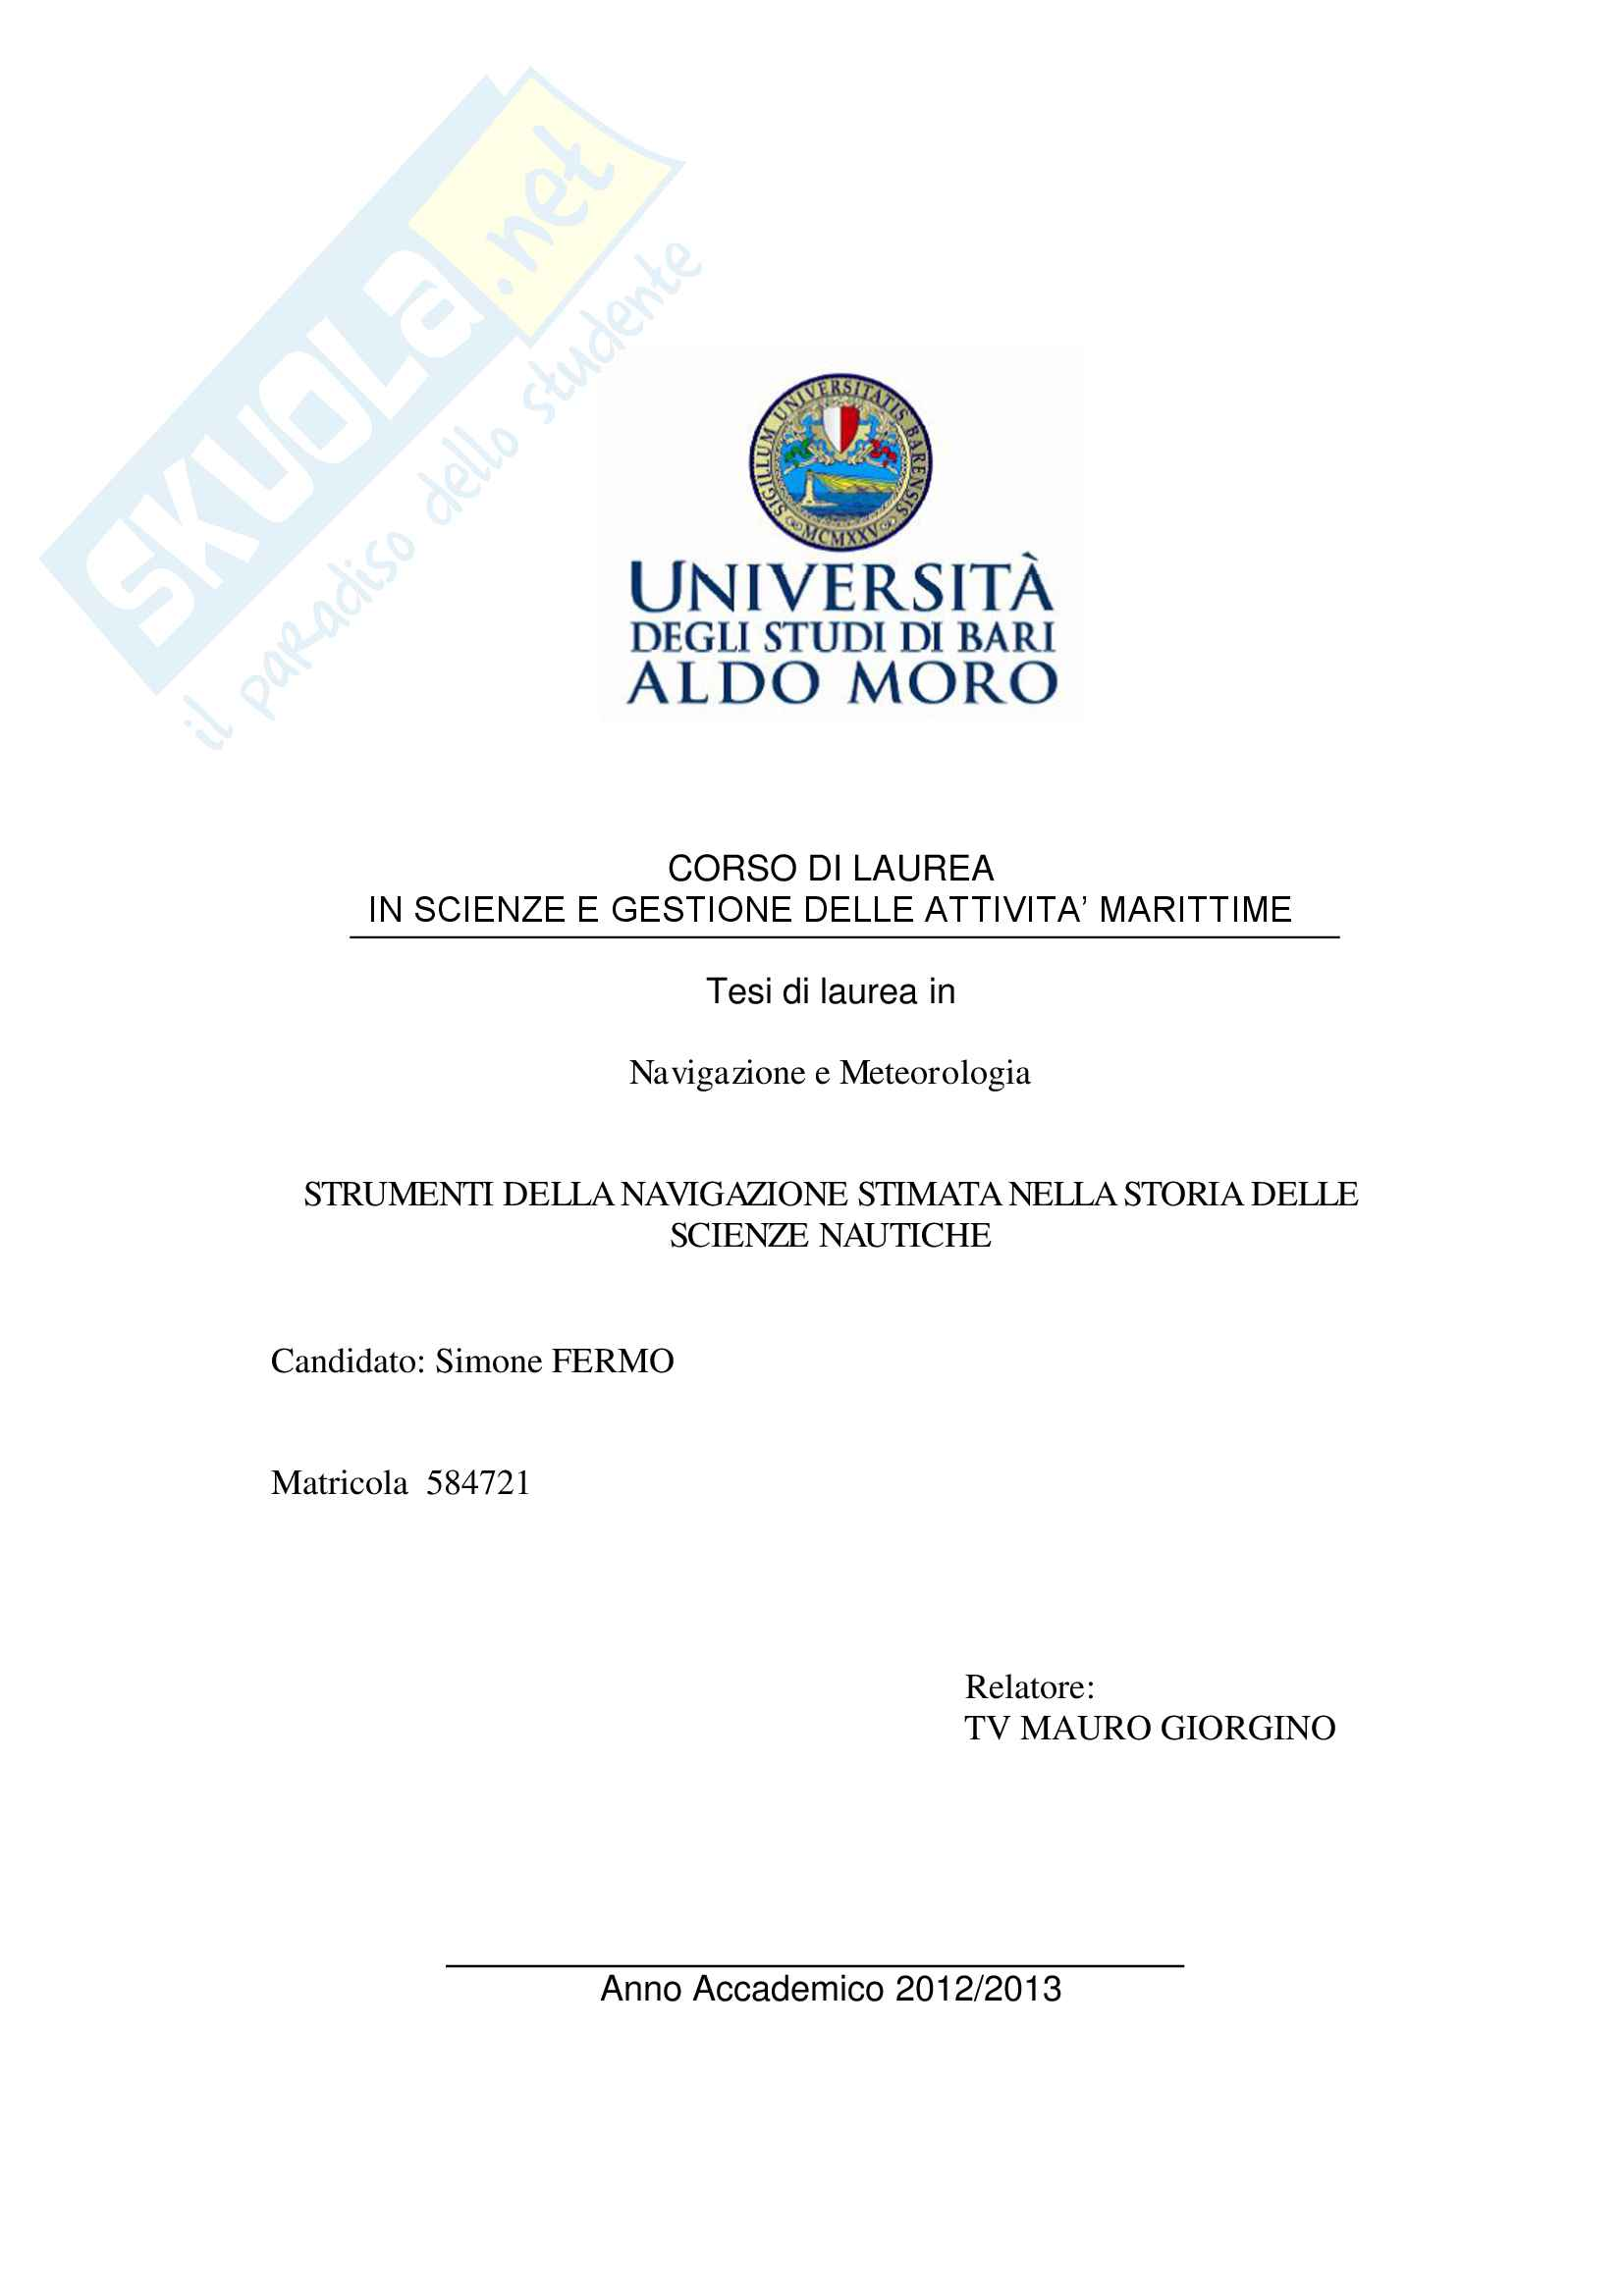 Strumenti della navigazione stimata nella storia delle scienze nautiche Pag. 1